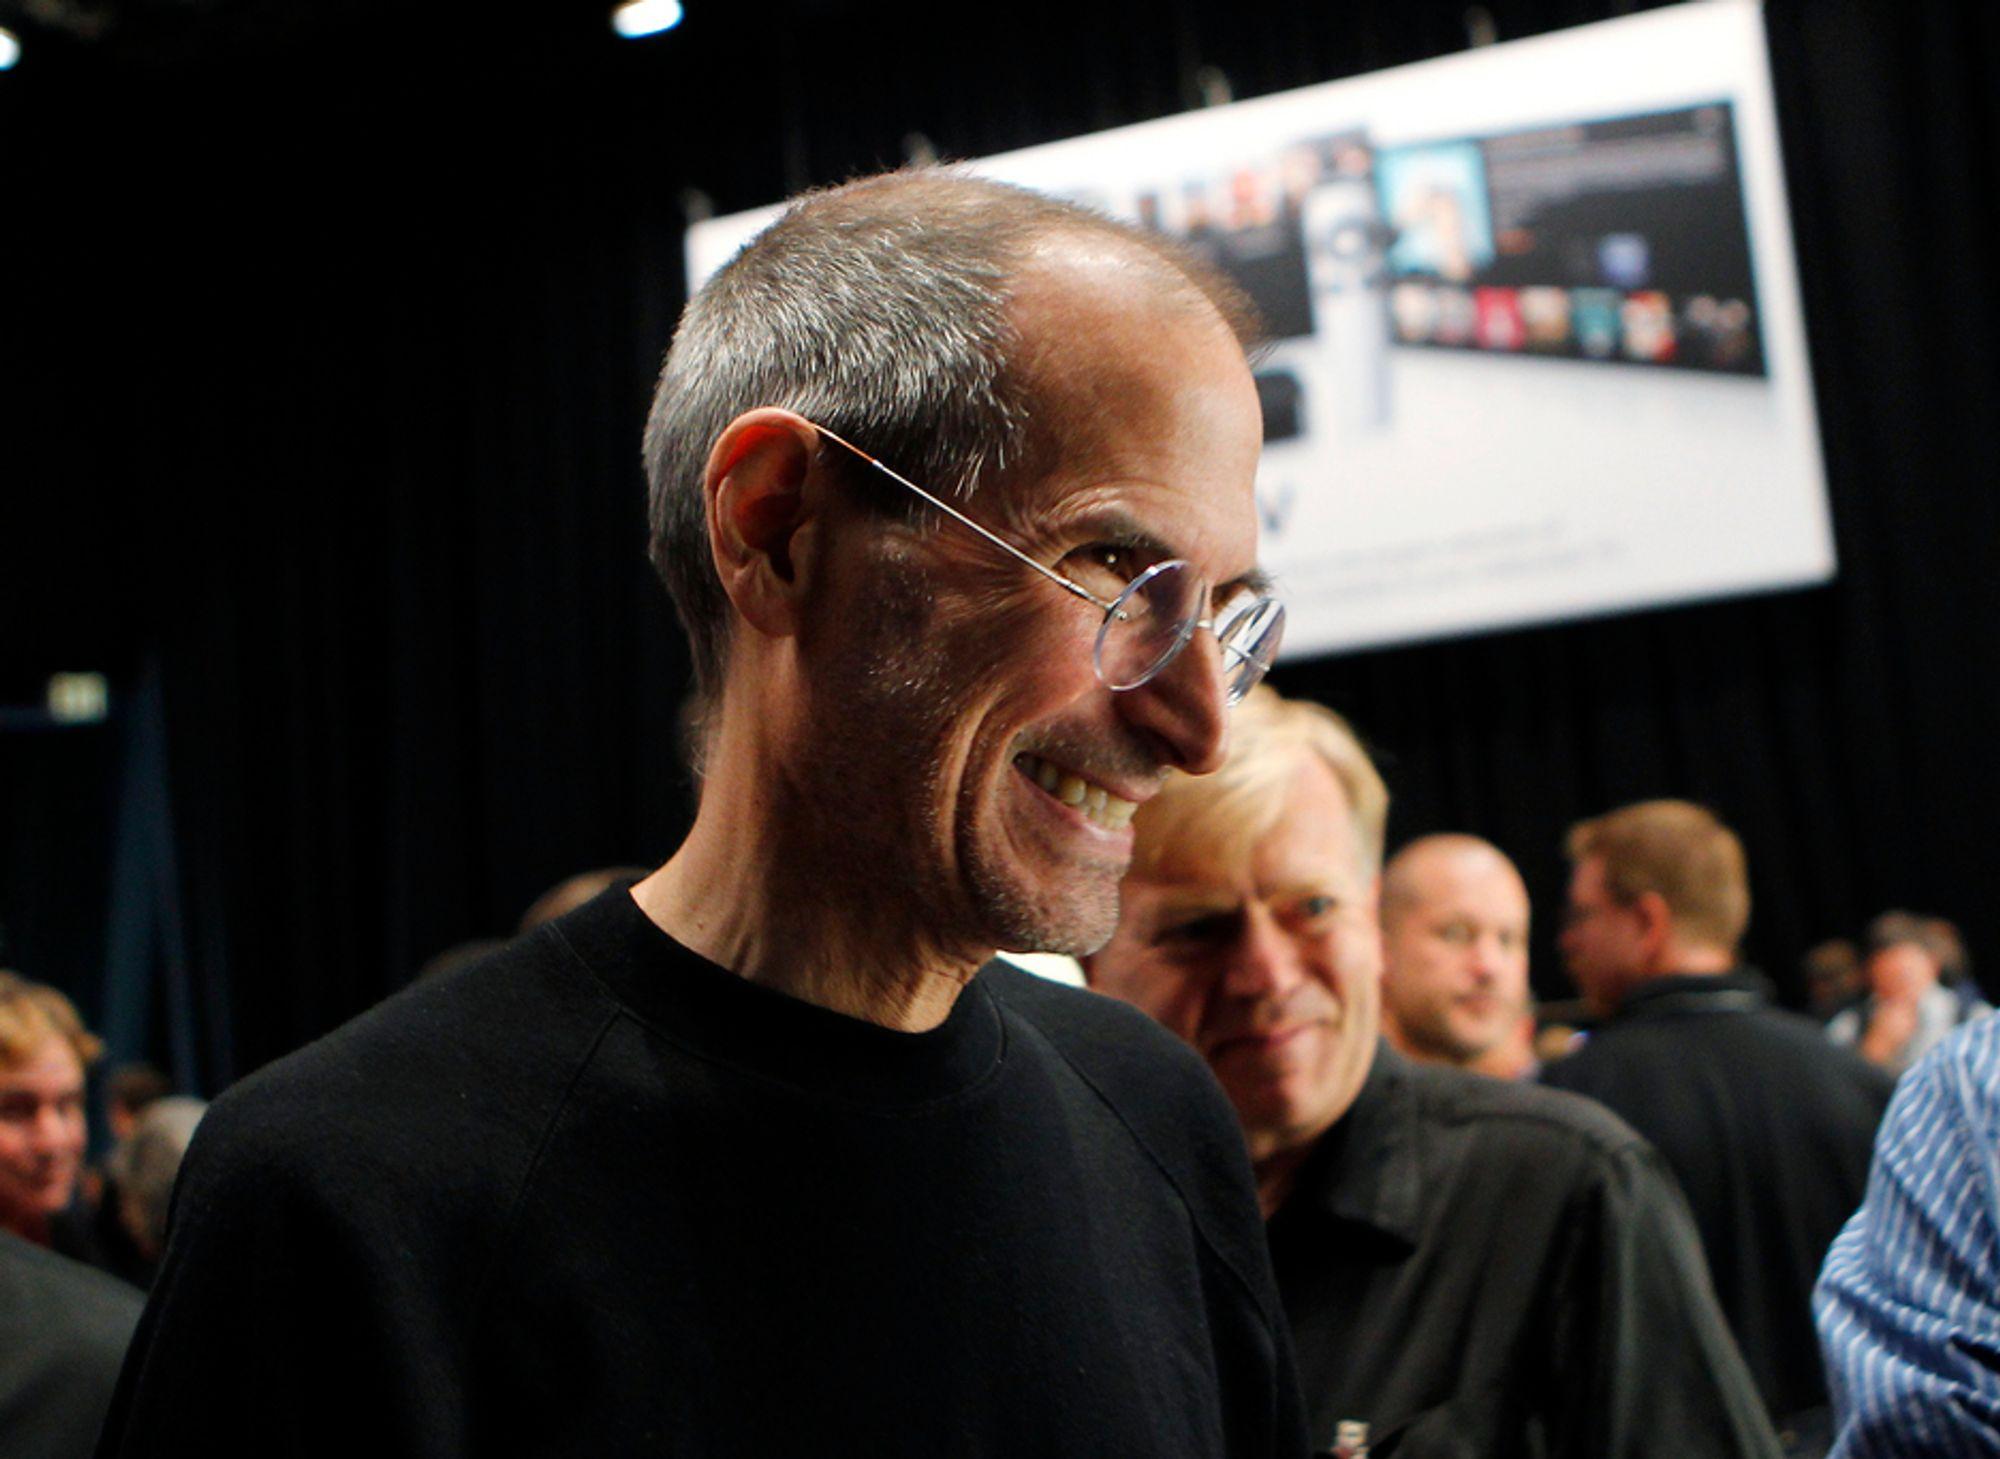 Apple-sjef Steve Jobs har all grunn til å smile, skal vi tro aksjemarkedet, som nå har drevet papirverdien av selskapet opp i 1800 milliarder kroner.